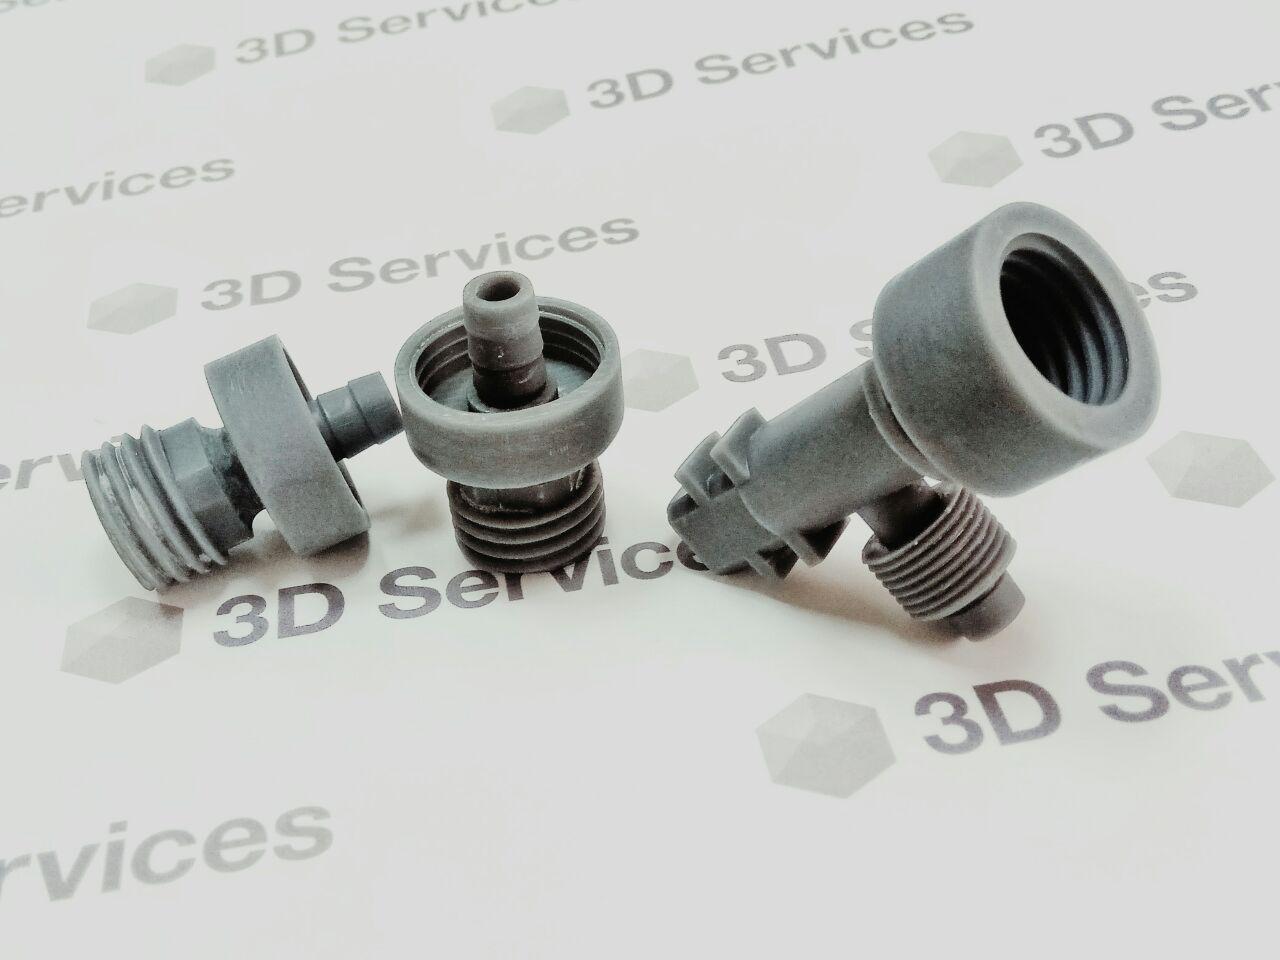 Фото Печать фитингов из фотополимера на Formlabs